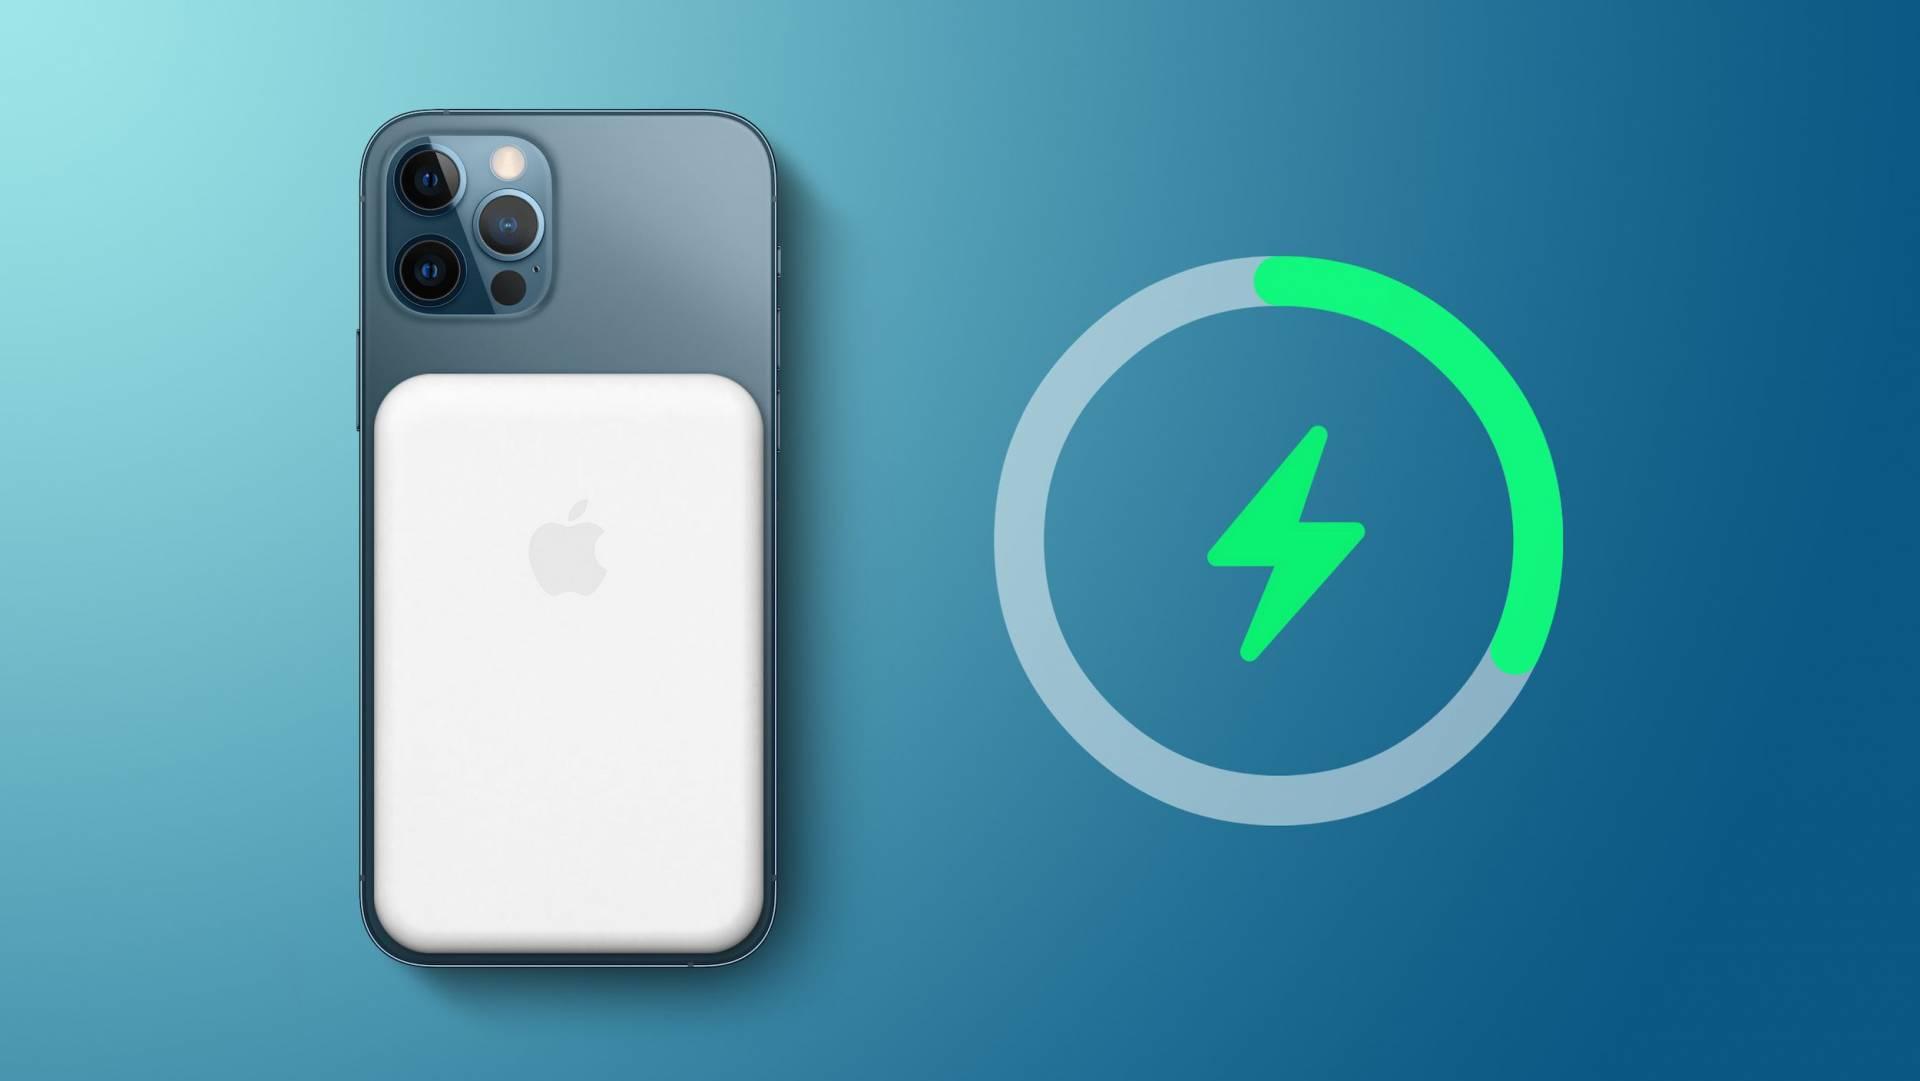 """Spoločnosť Apple aktuálne pracuje na batériách, ktoré budú kompatibilné so systémom MagSafe pre iPhone 12 a budúce smartfóny. Ako uviedol známy leaker Jon Prosser, tento systém môže ponúknuť aj takzvané """"spätné nabíjanie""""."""